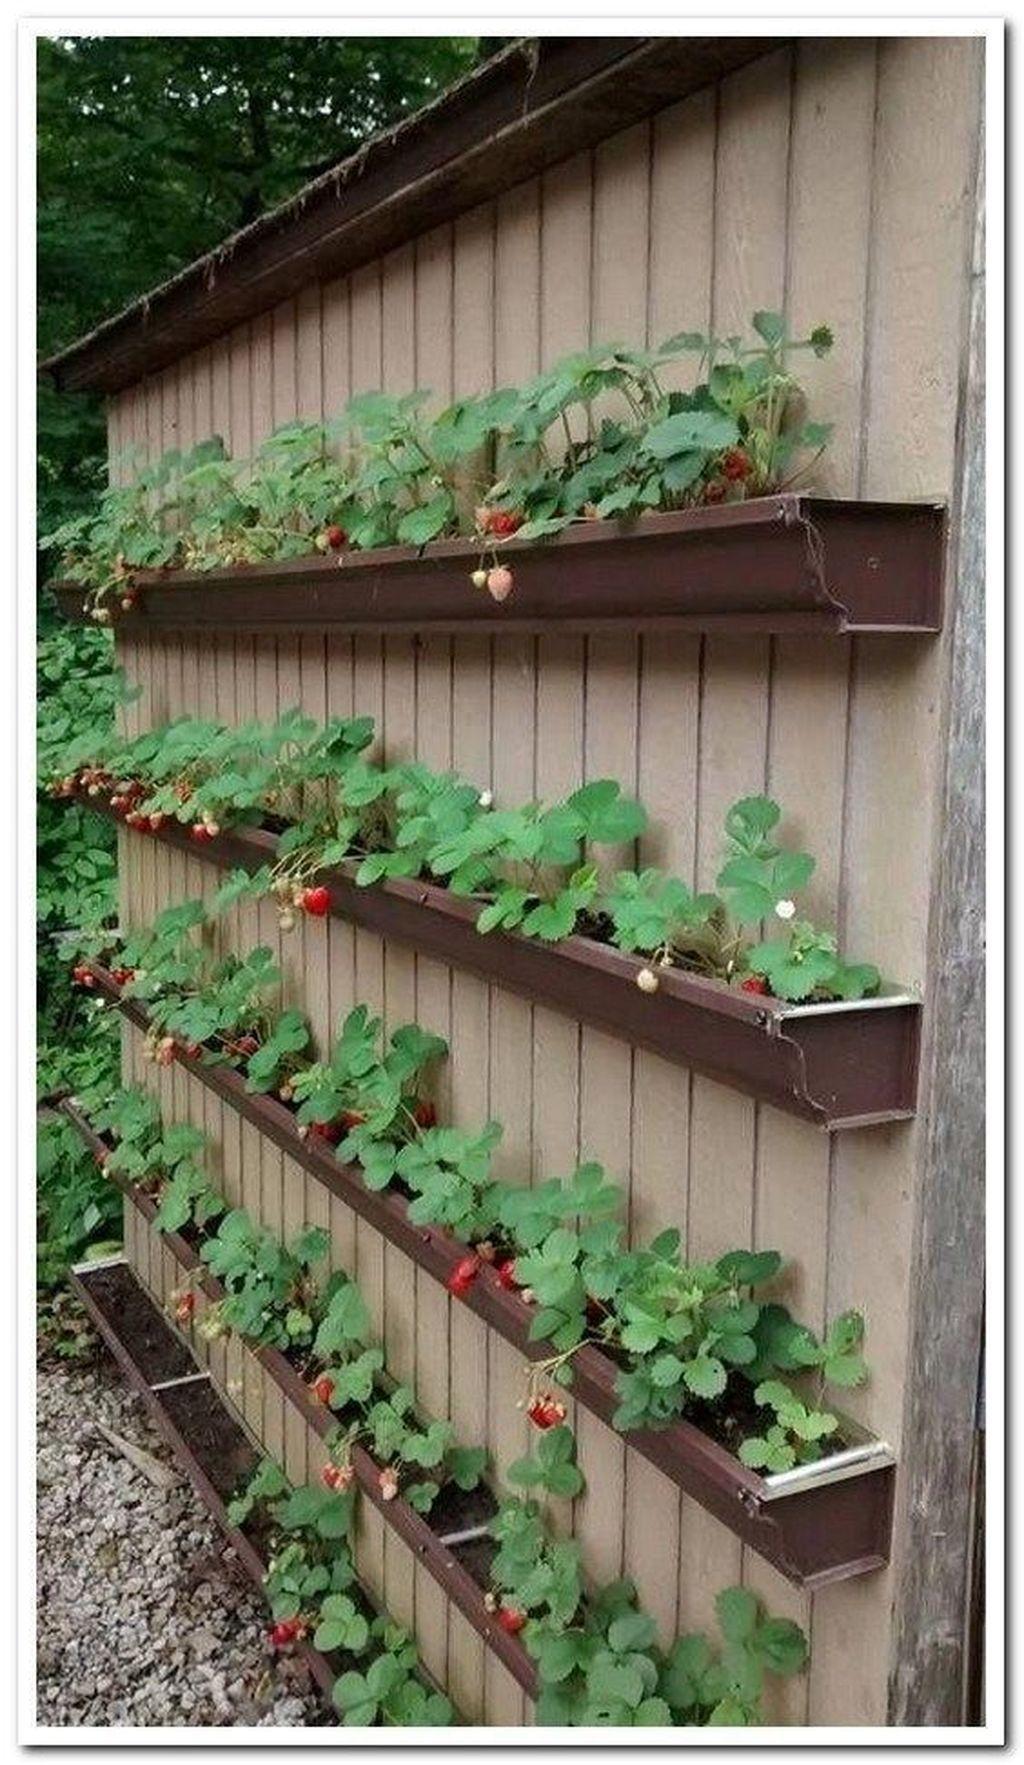 45 heißesten Diy Garden Design-Ideen, um Ihre Gartendekoration zu verschönern#designideen #diy #garden #gartendekoration #heißesten #ihre #verschönern